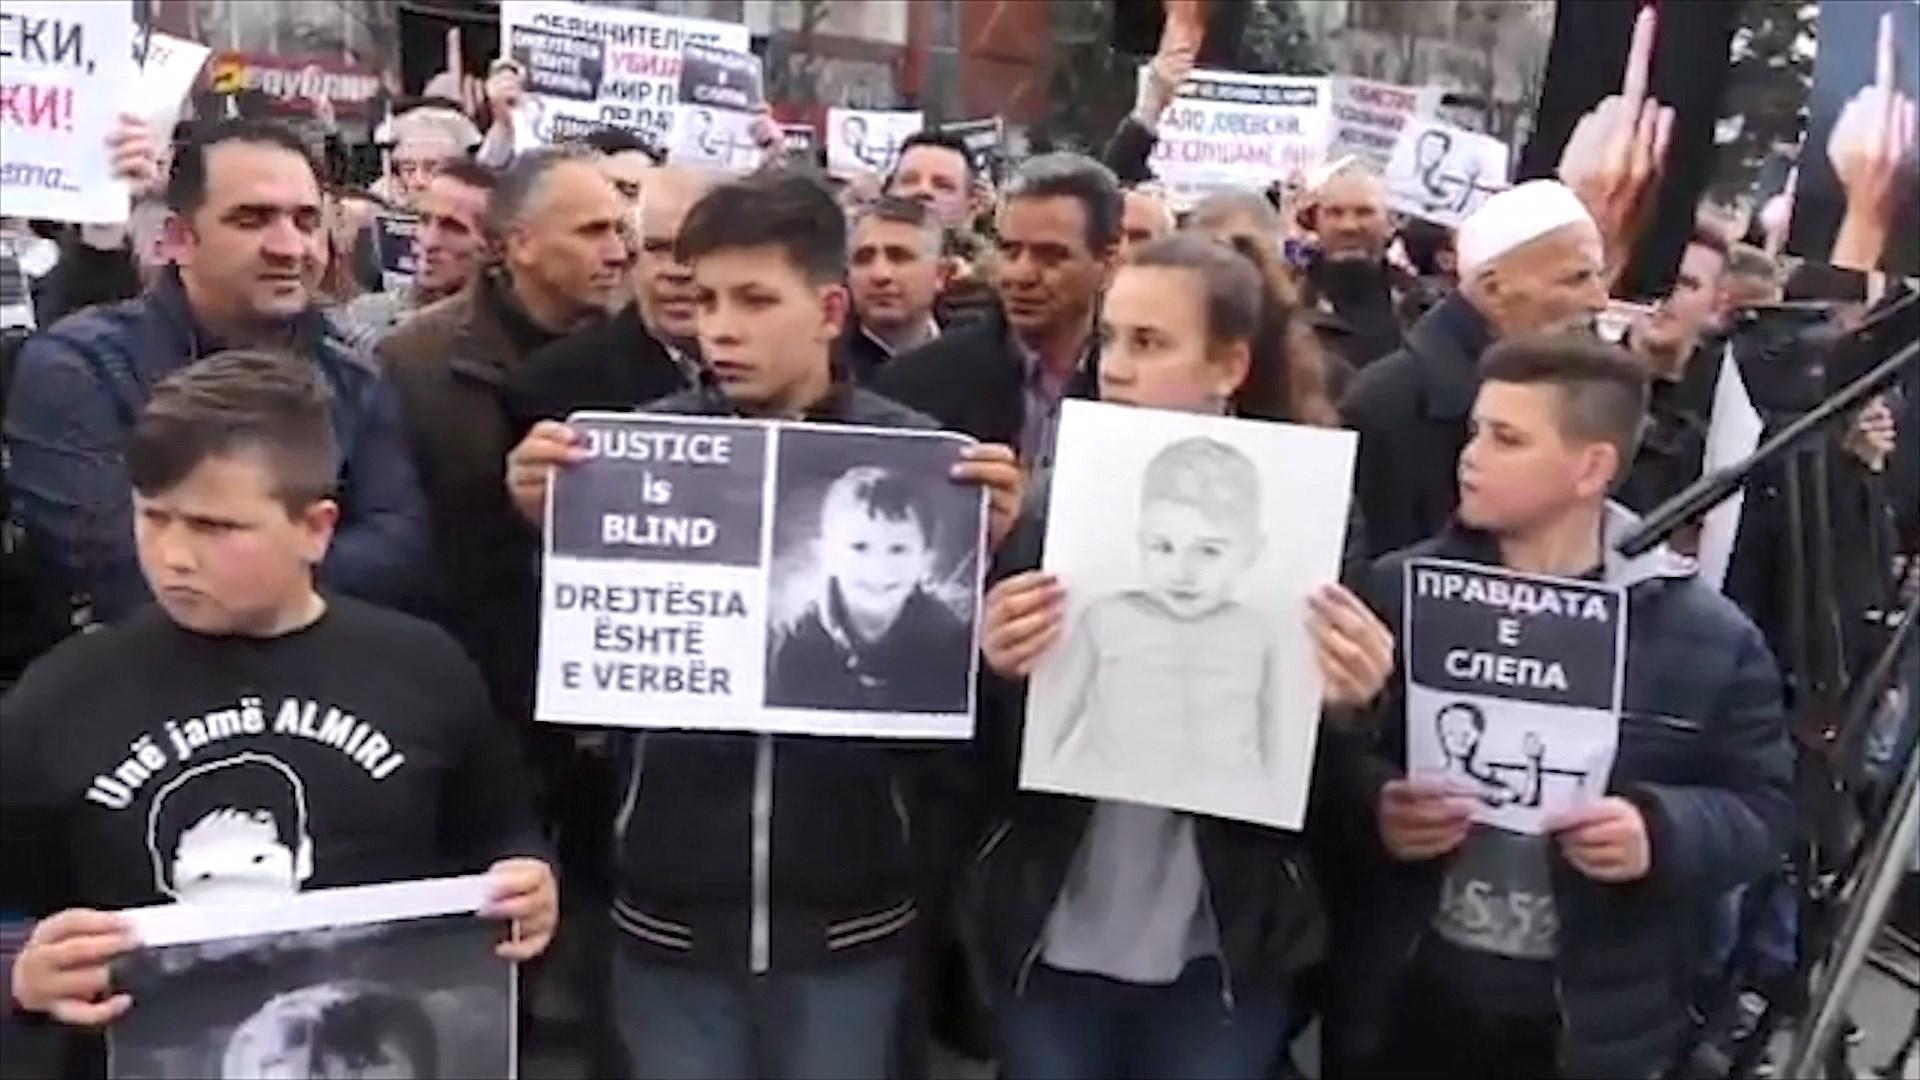 Protestë para qeverisë në Shkup/Nëna e Almirit: Të luftojmë padrejtesitë